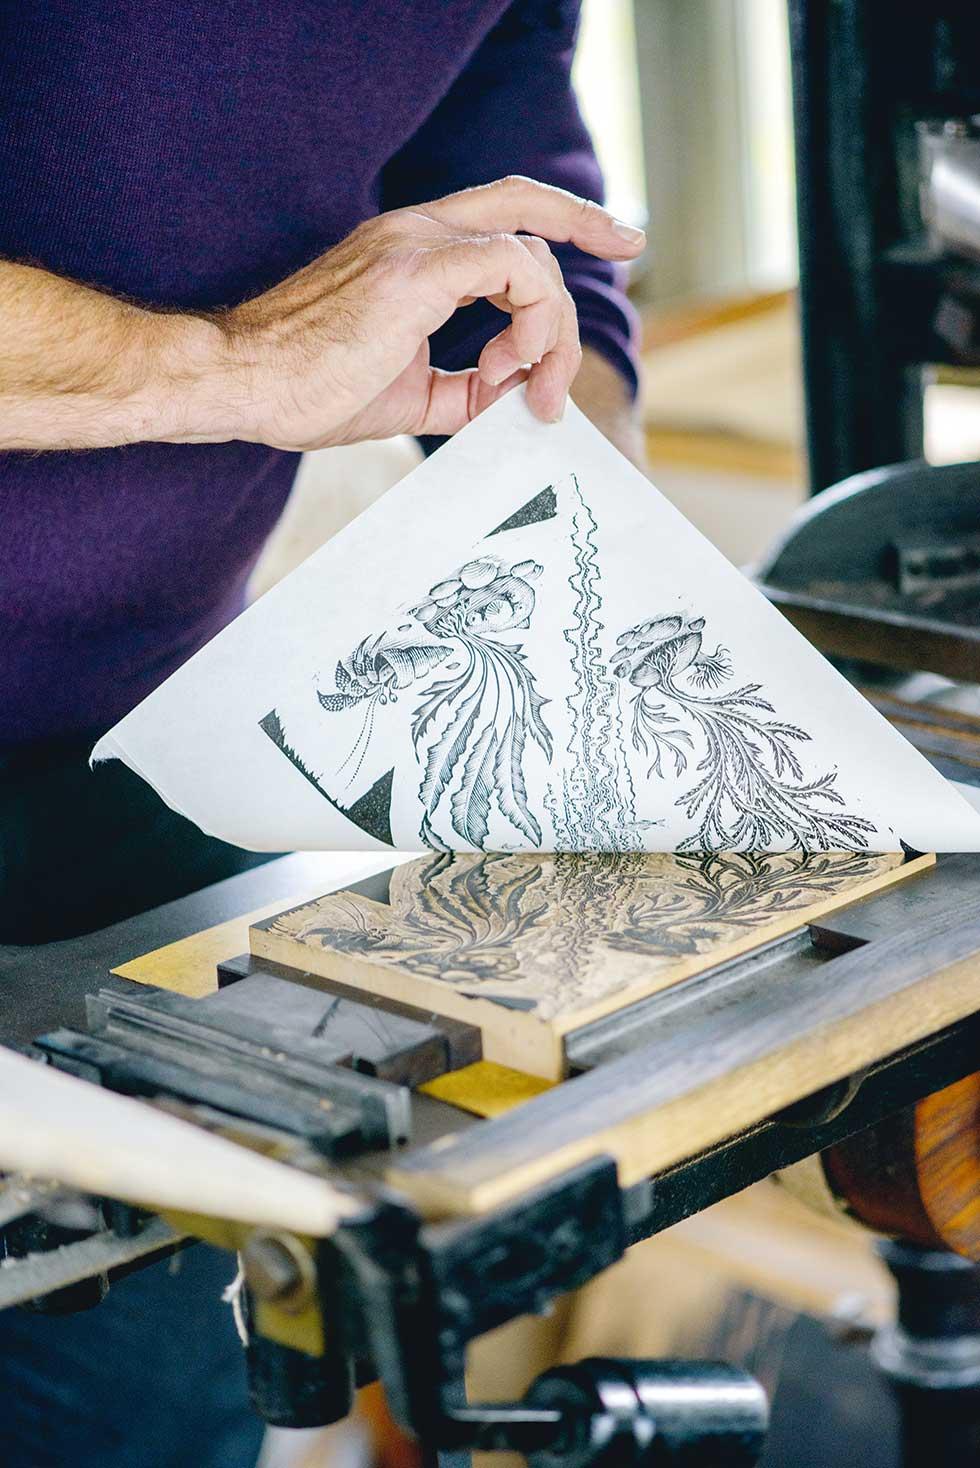 artisan-engravings-printing